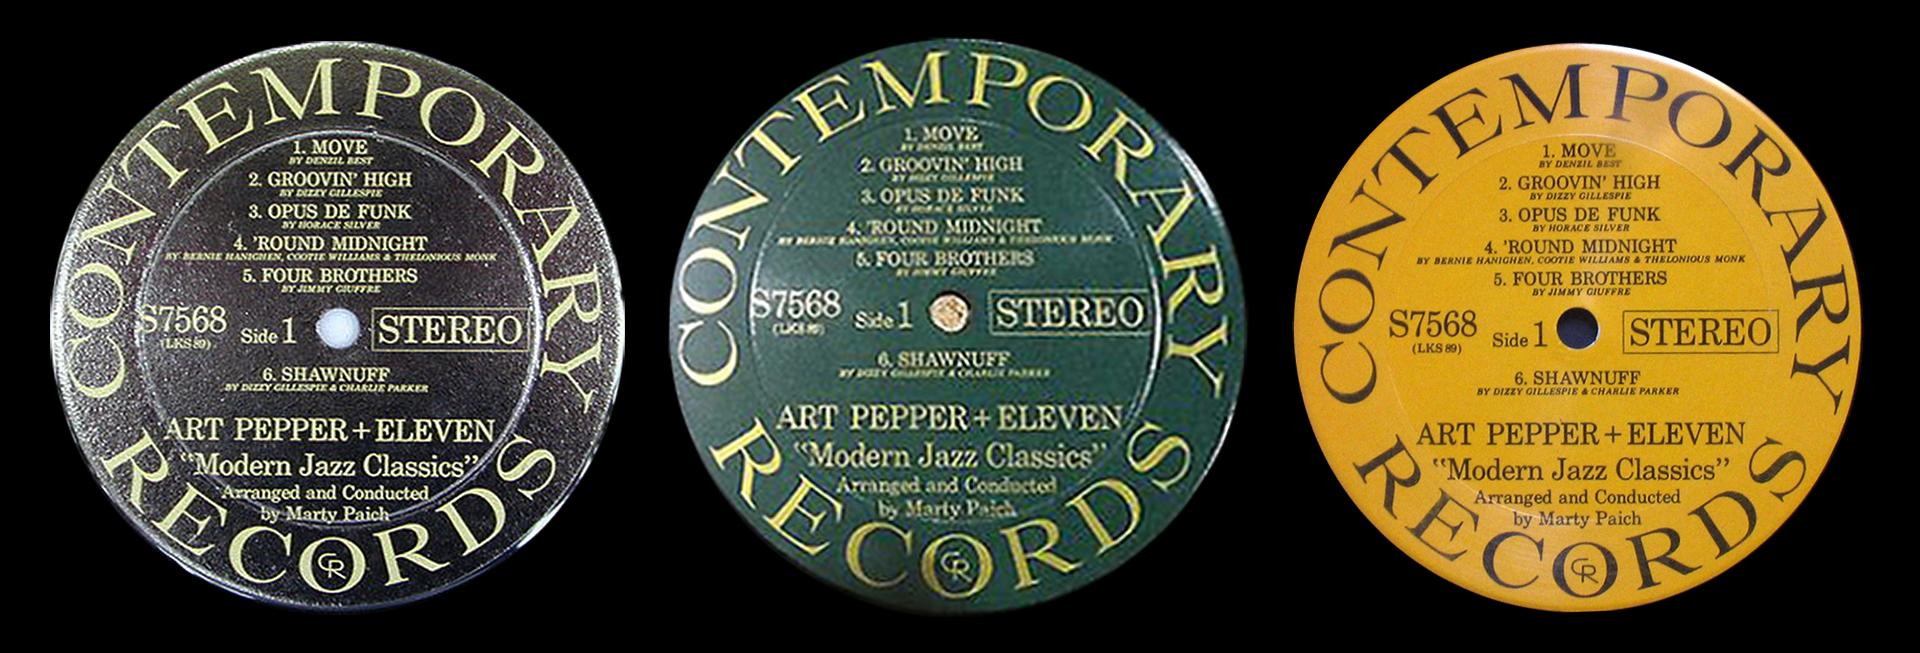 Art Pepper Art Pepper Eleven Modern Jazz Classics